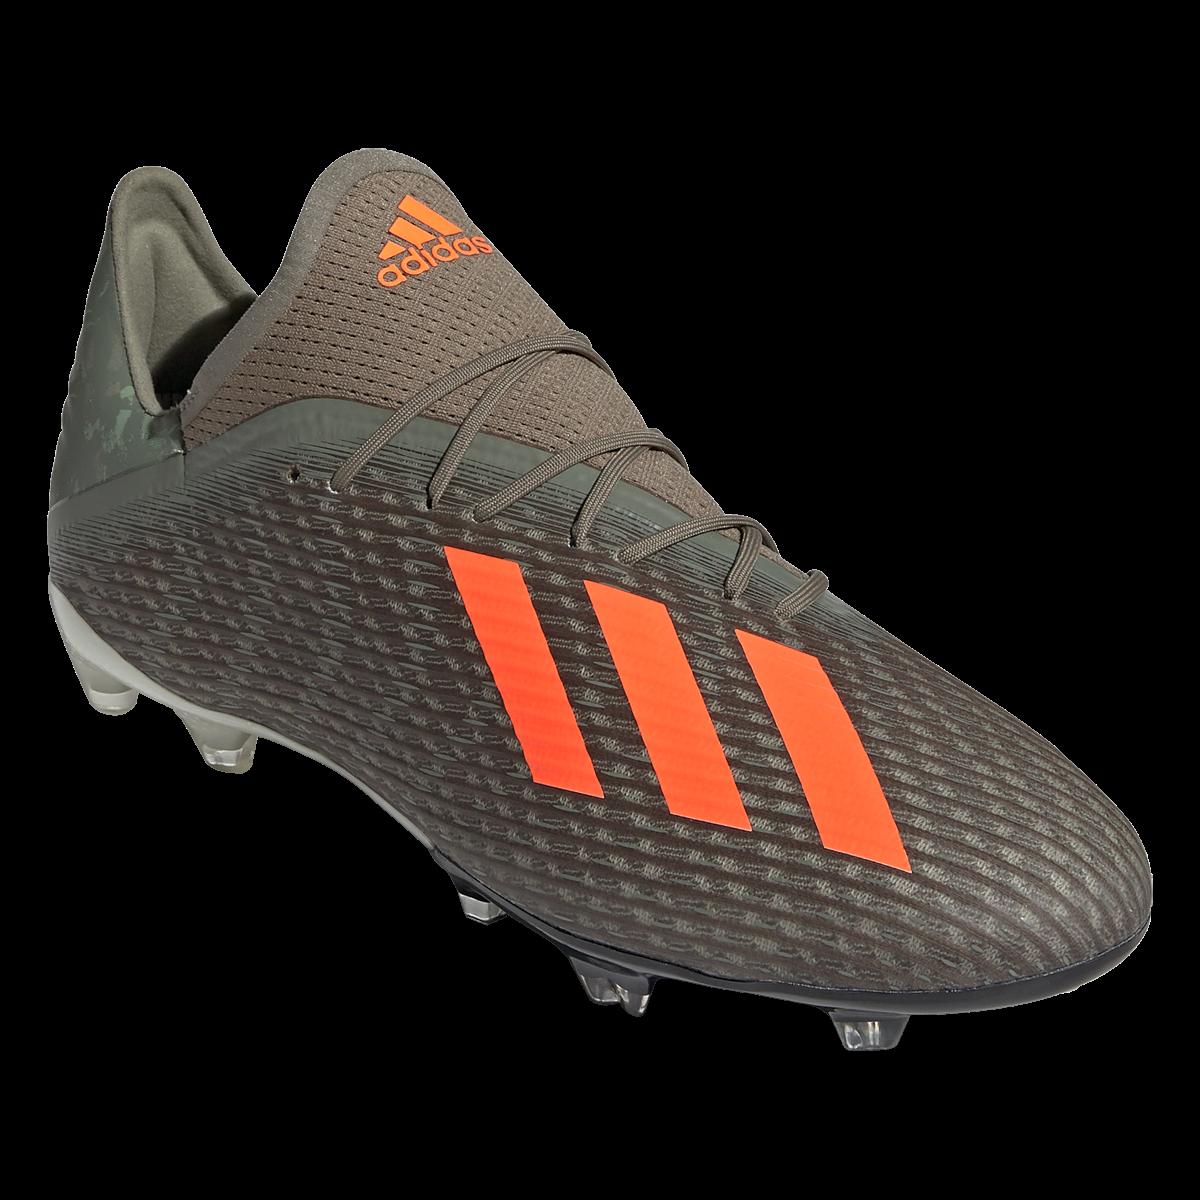 Adidas X 19 2 Fg Soccer Cleats Legacy Green Solar Orange Chalk White 12 In 2020 Soccer Cleats Cleats Chalk White